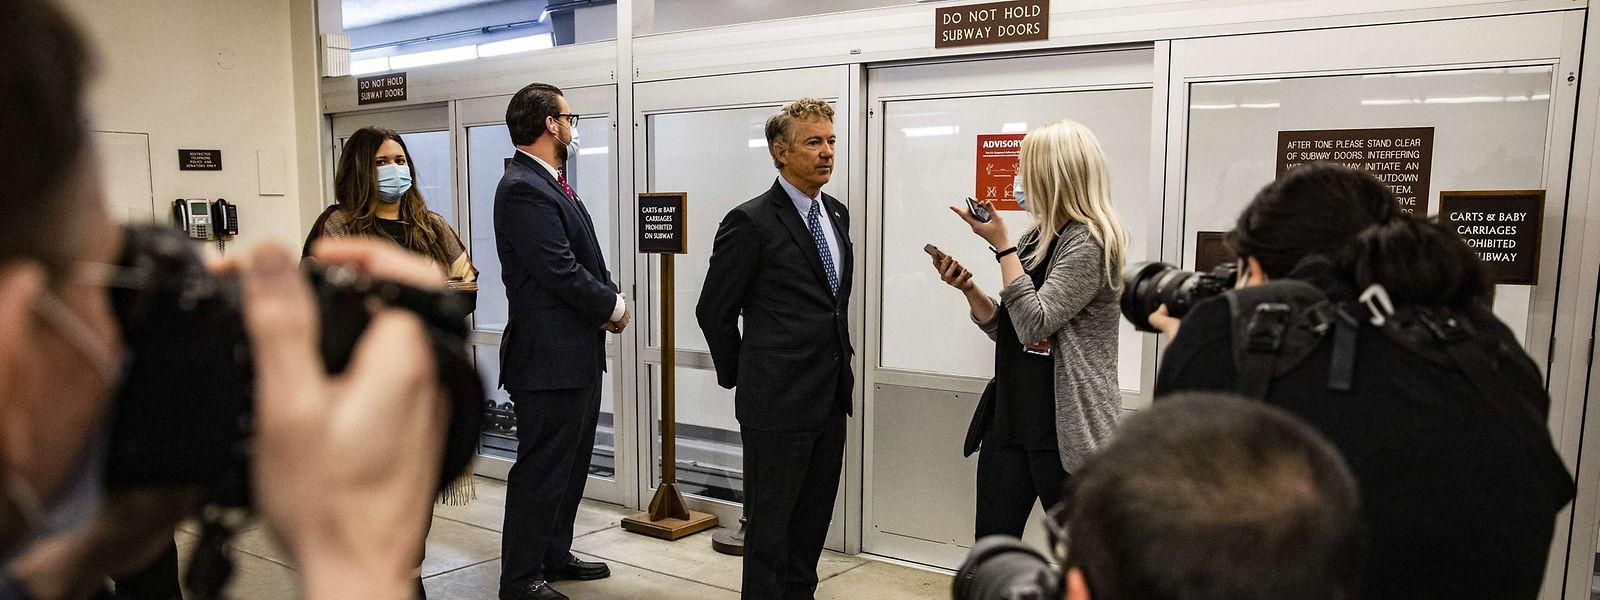 Der republikanische Senator Rand Paul aus Kentucky (Mitte) hat einen Antrag eingebracht, der die Rechtmäßigkeit des Verfahrens anzweifelt.